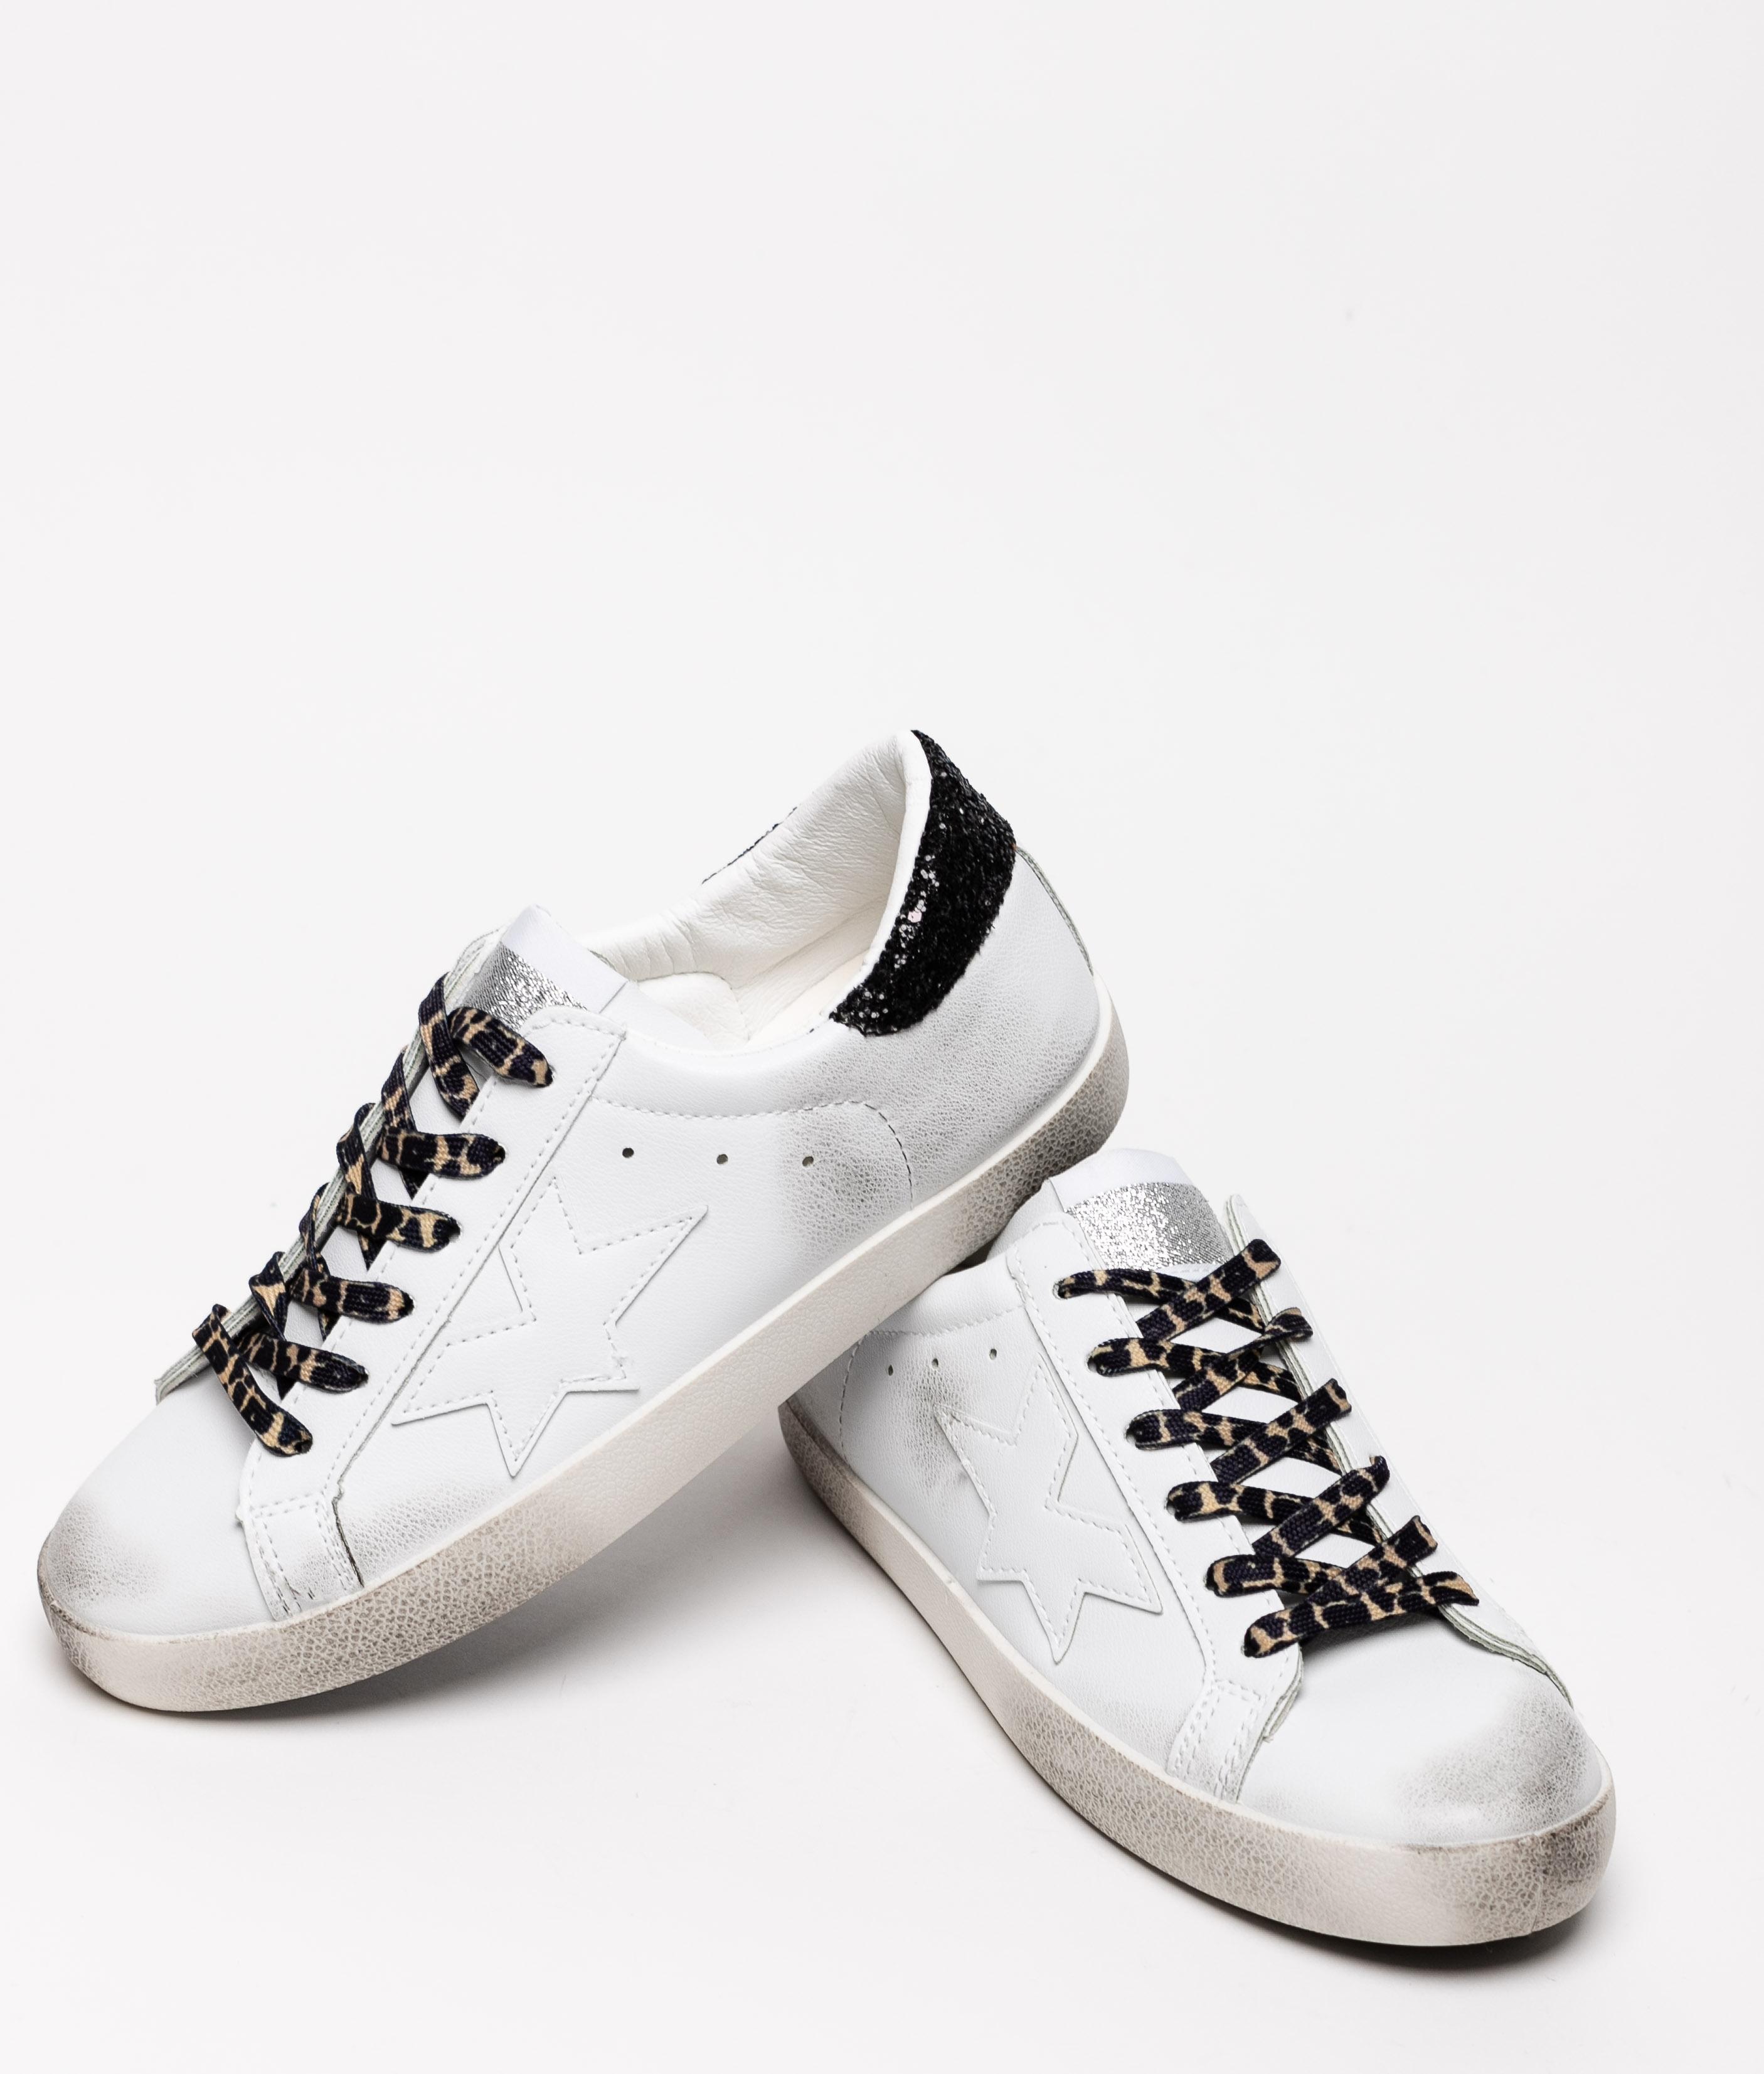 Sneakers Colir - Blanc/Noir